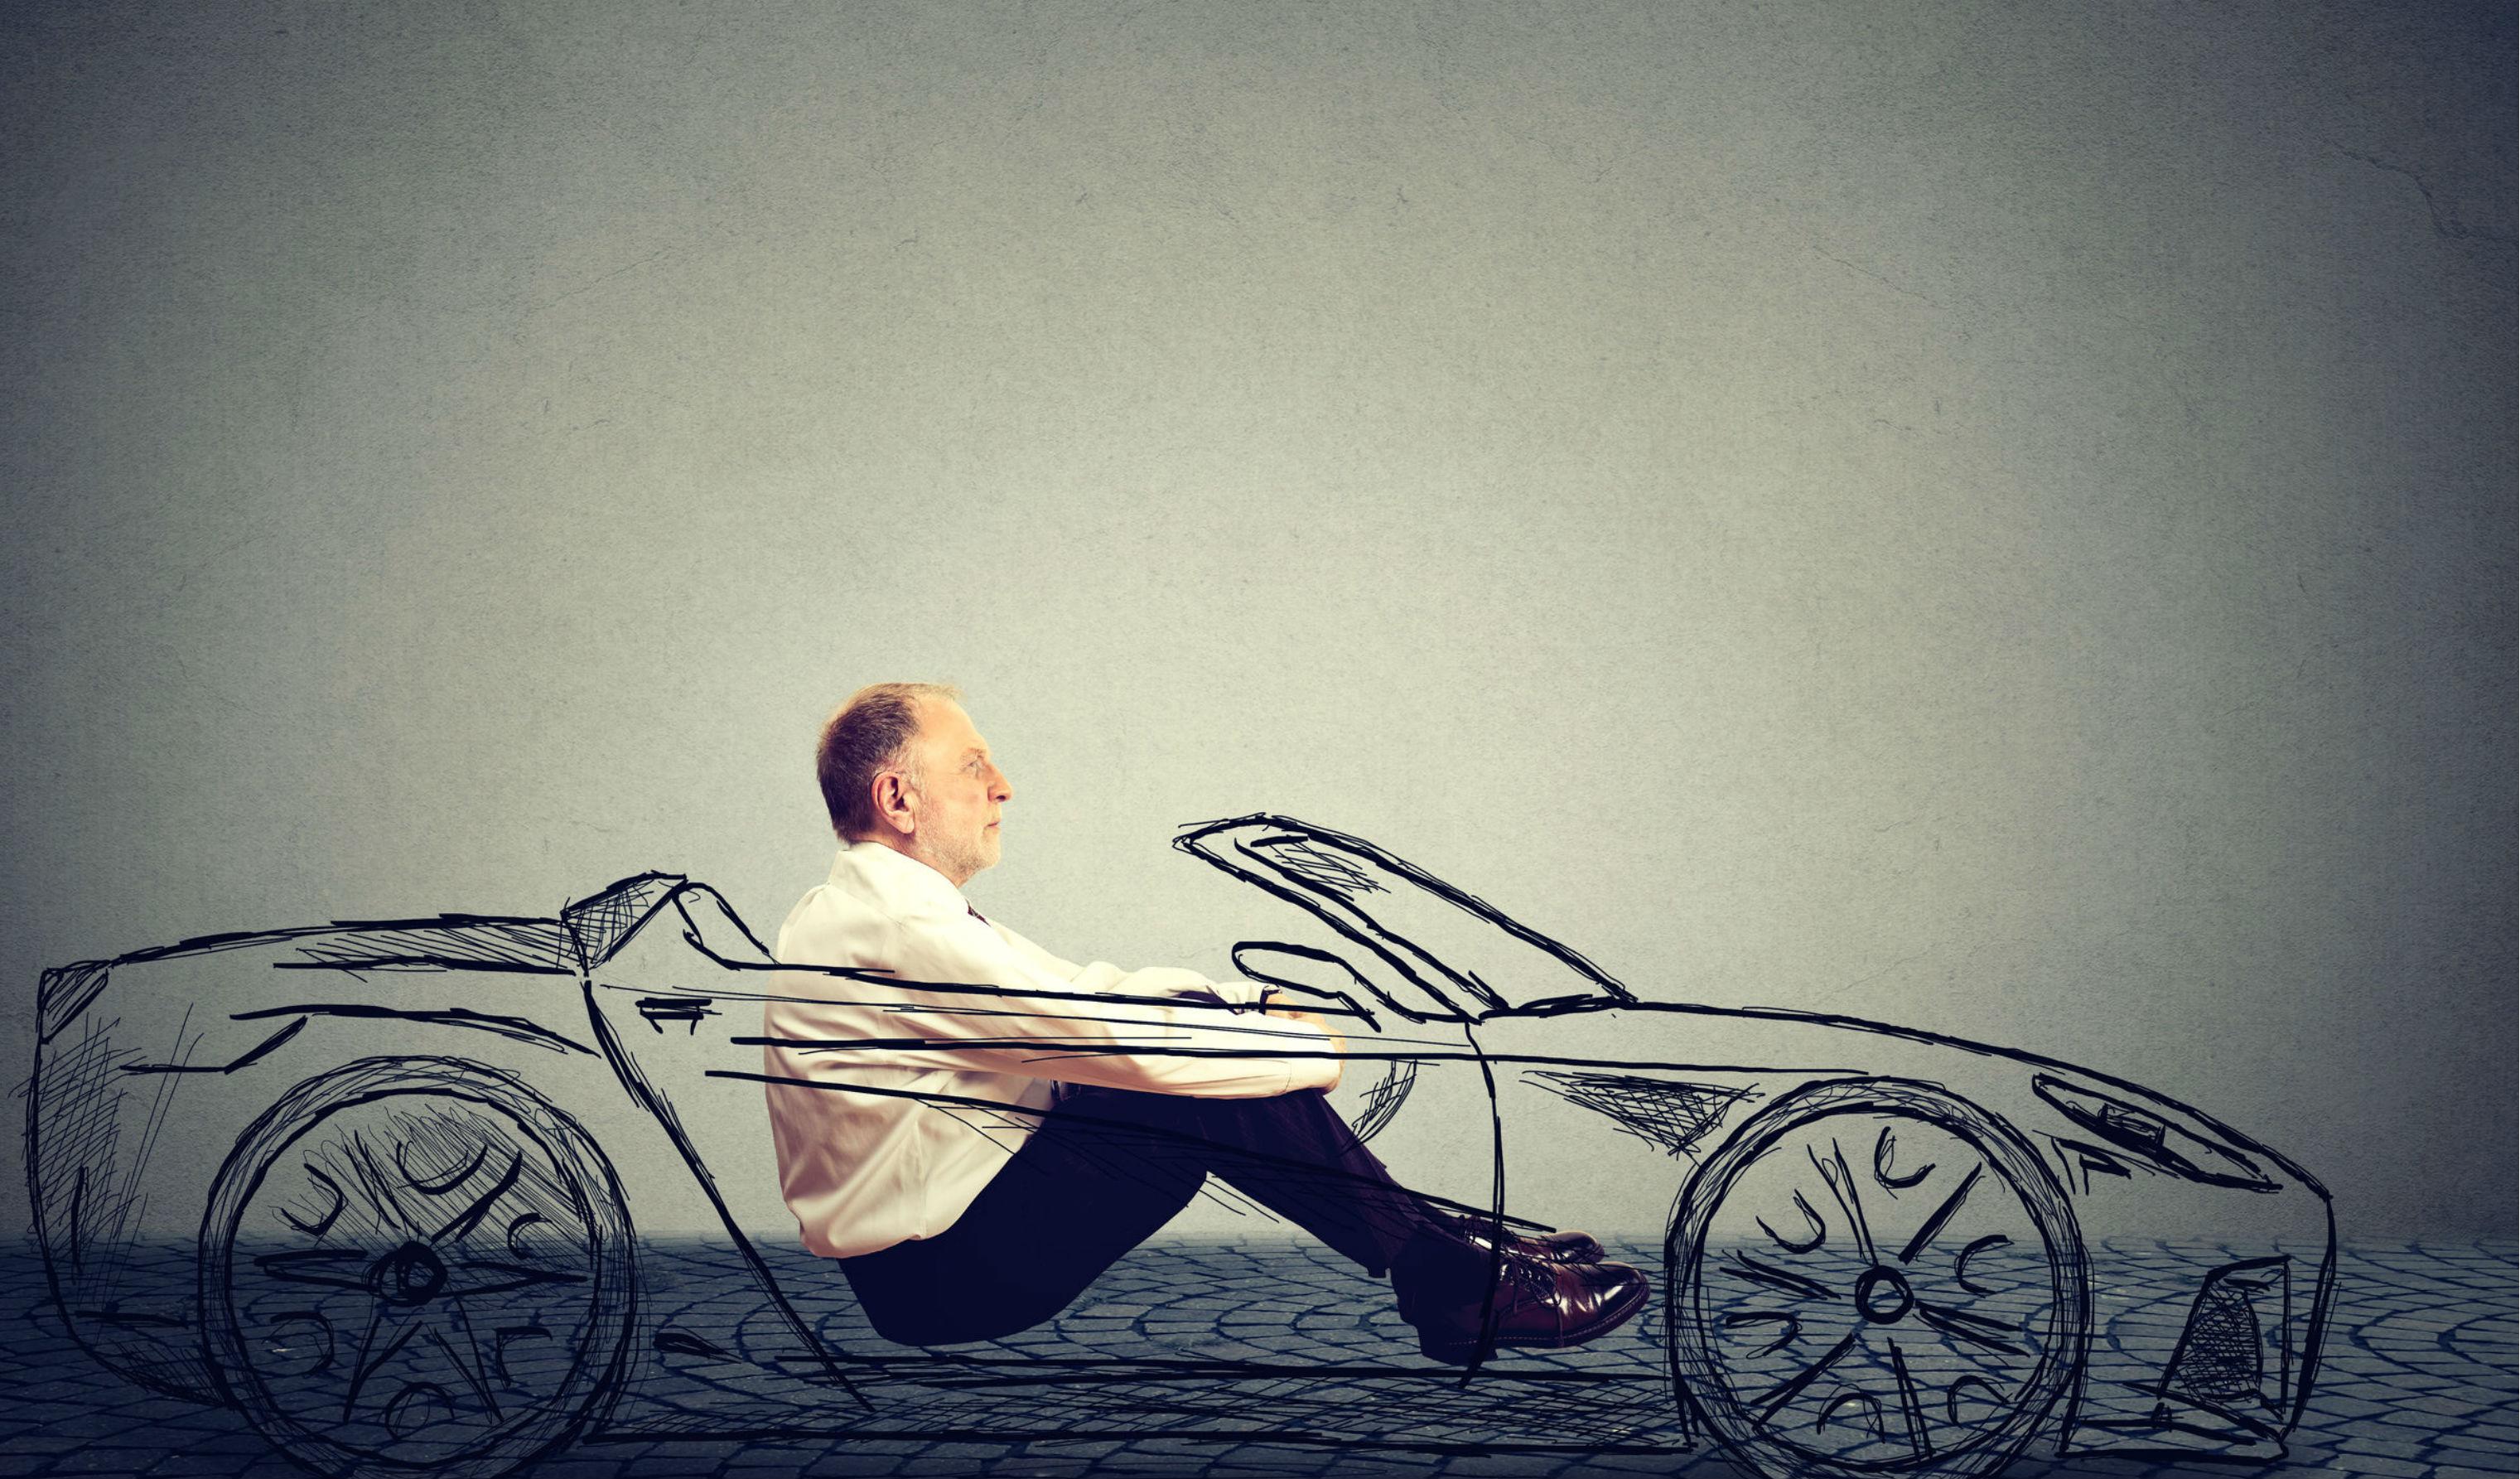 voiture autonome et l 39 homme dans tout a data analytics post. Black Bedroom Furniture Sets. Home Design Ideas